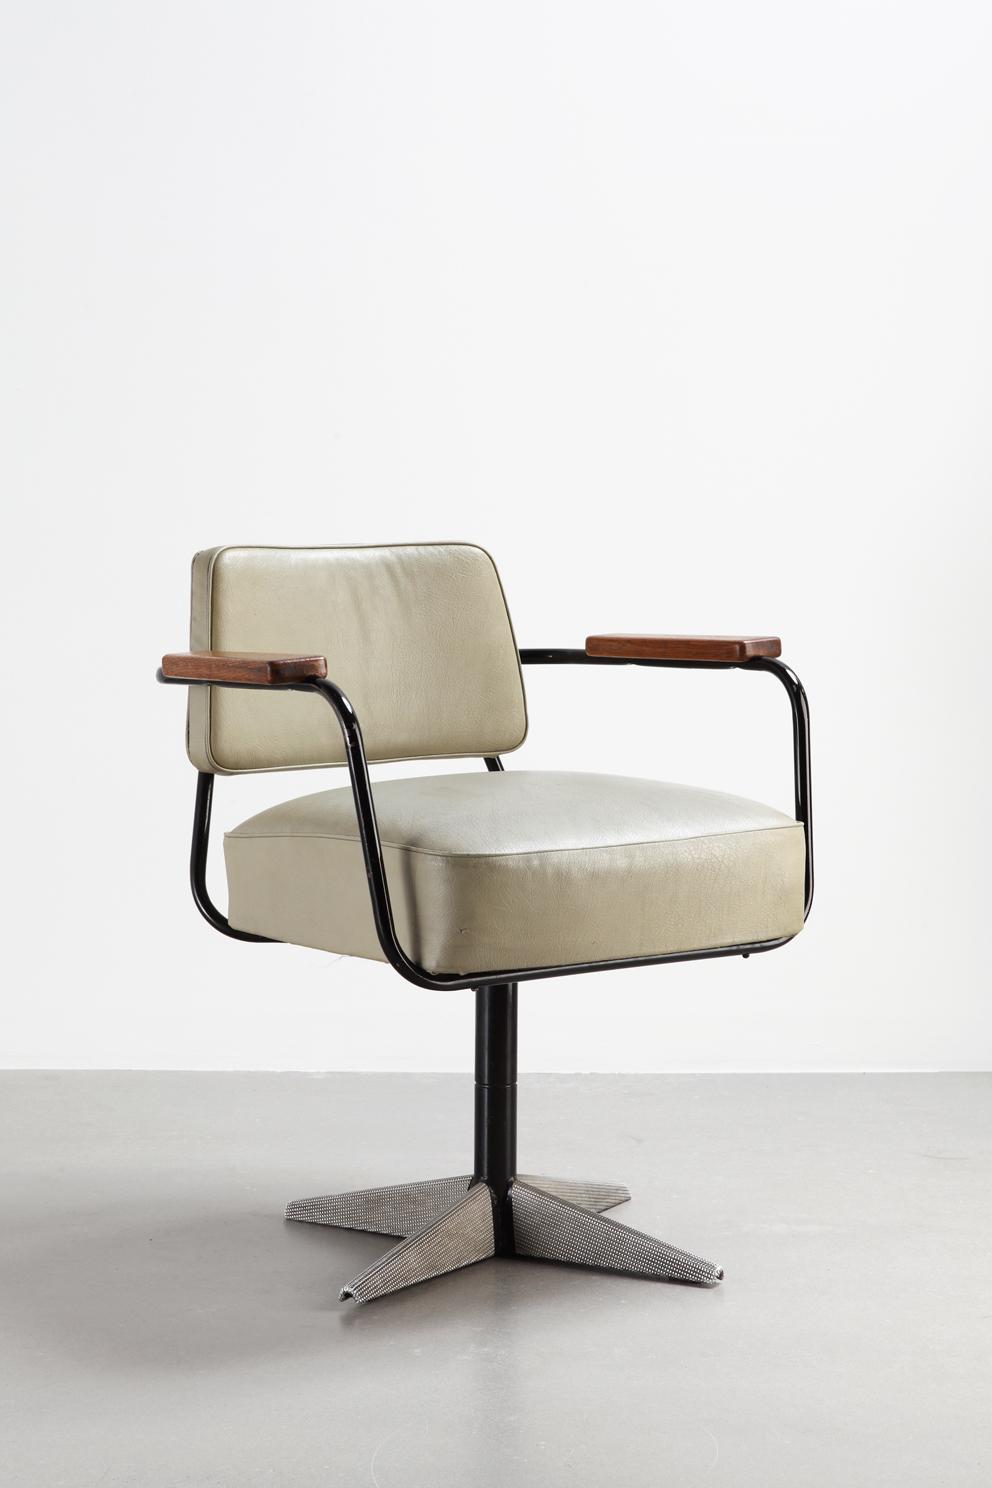 Jean Prouvé, Direzione N. 353 sedia girevole da ufficio, 1951.